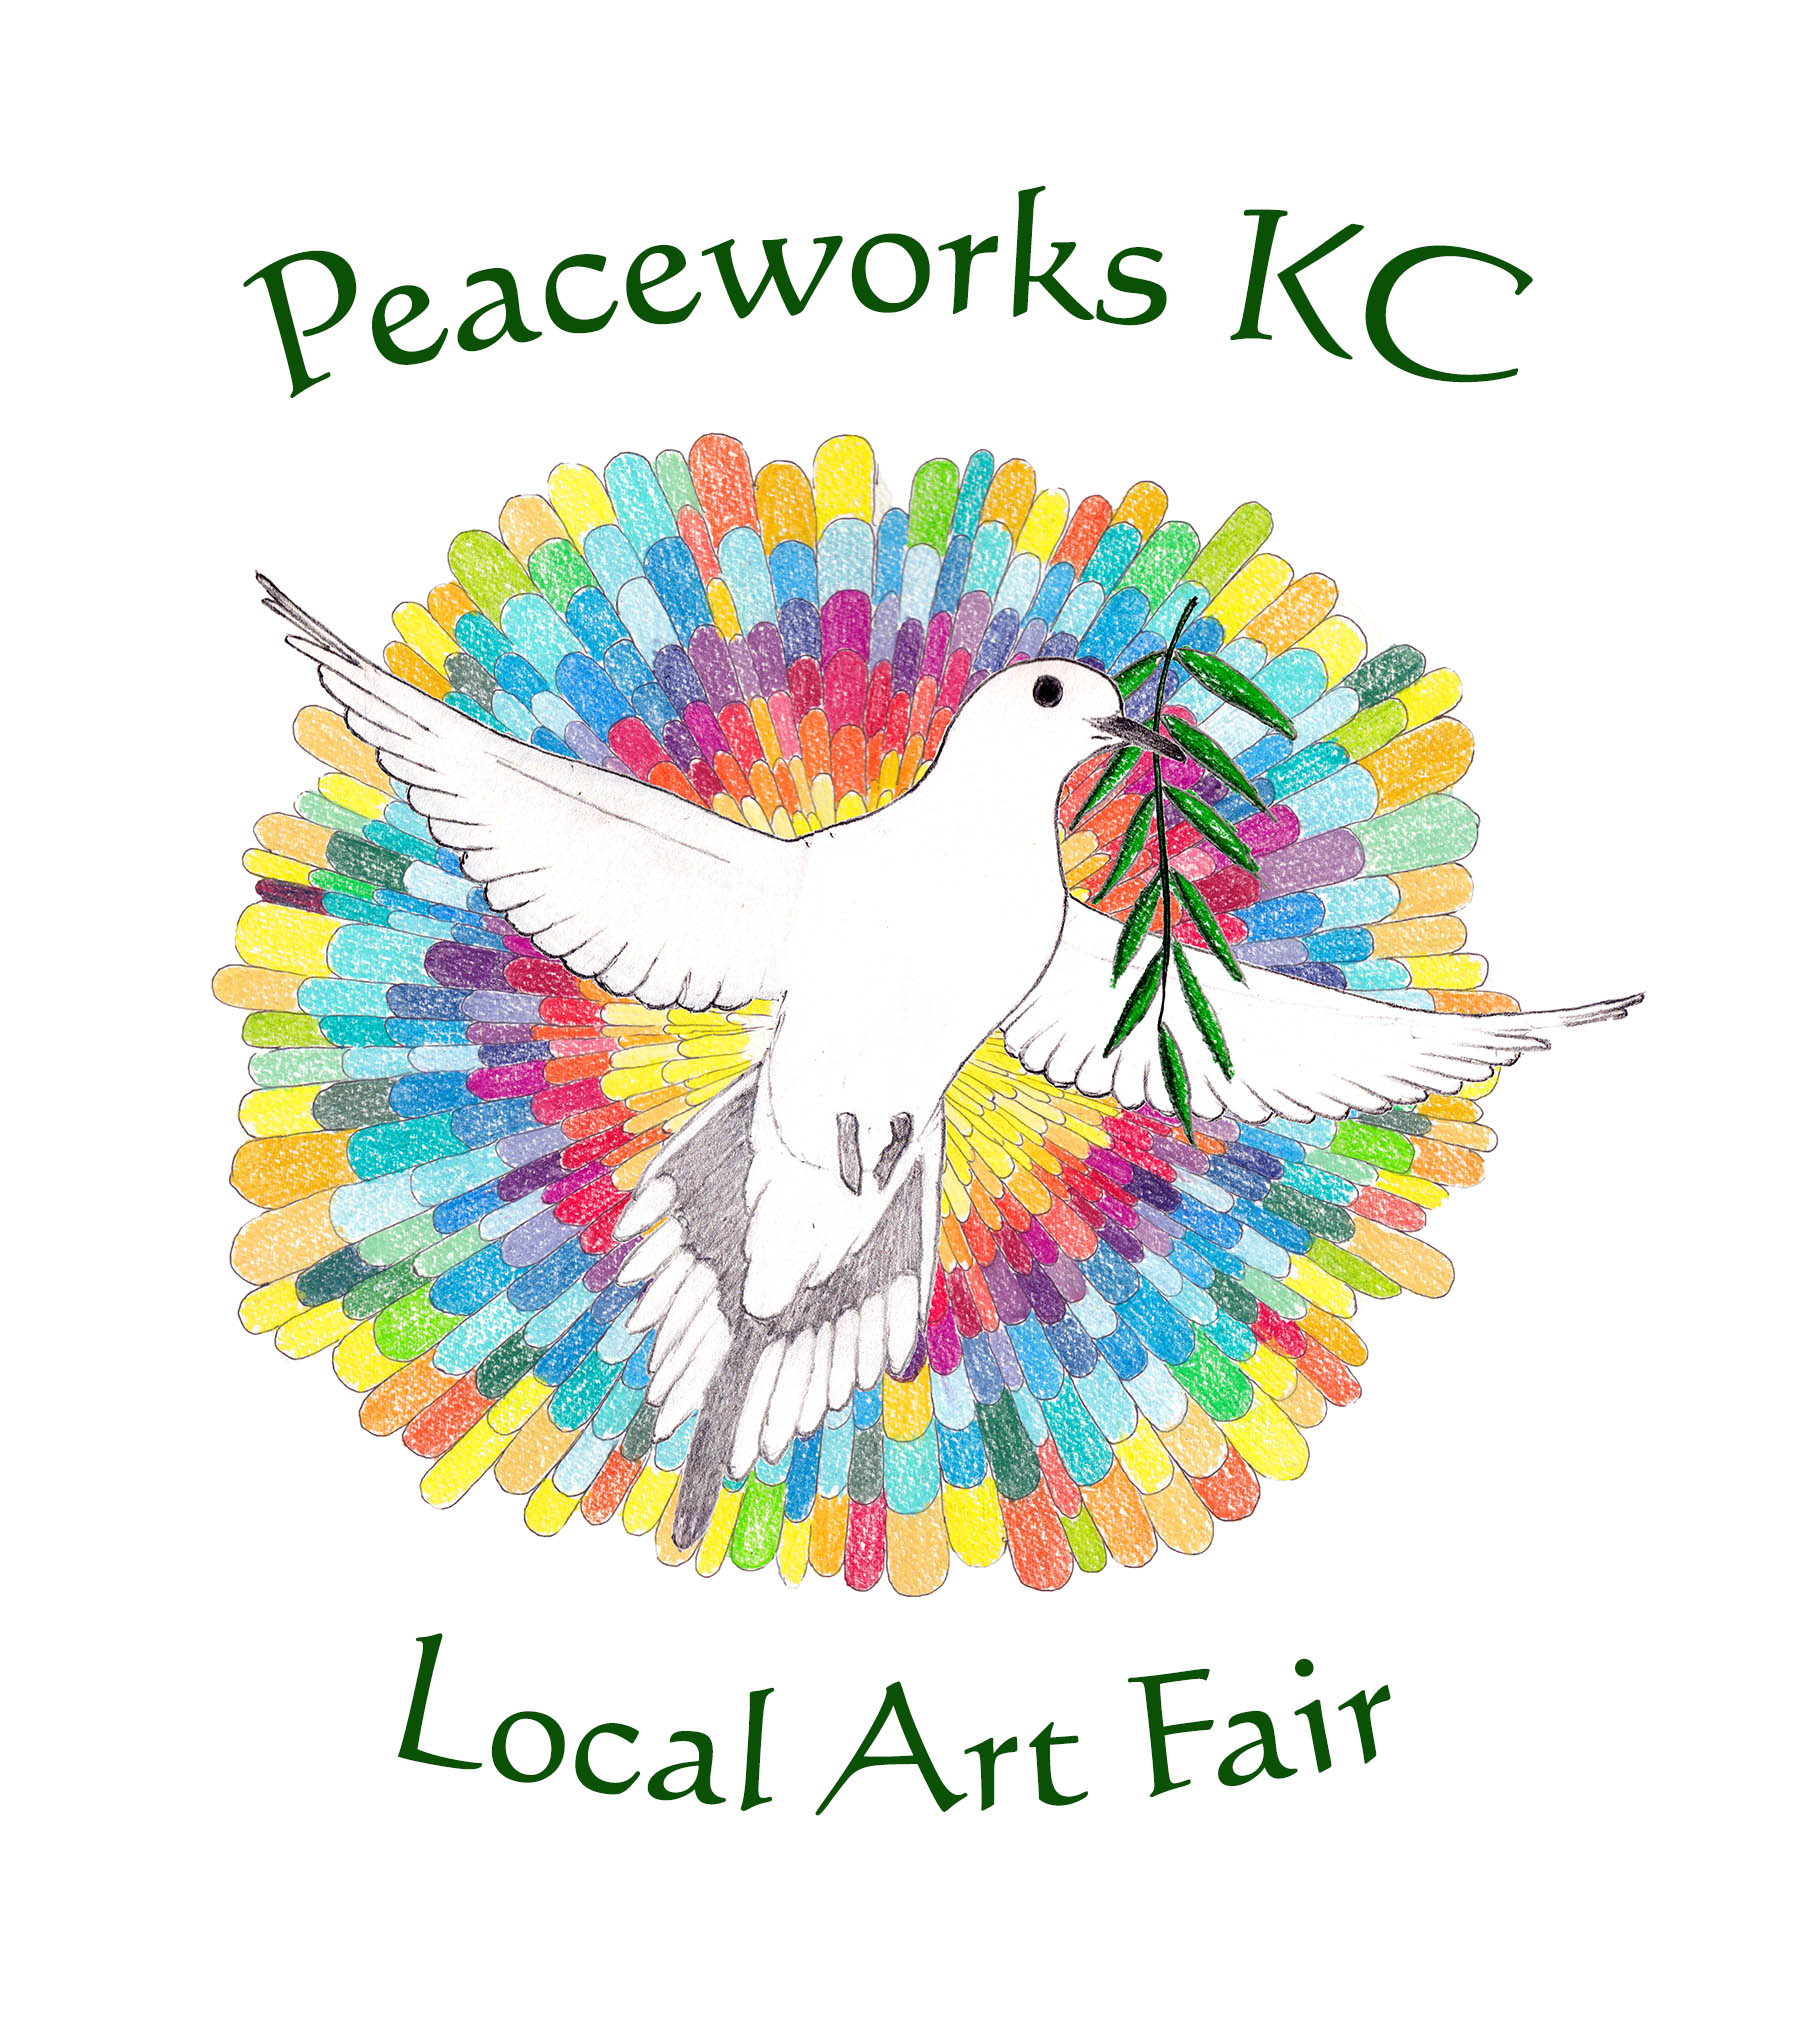 PeaceWorks KC Local Art Fair